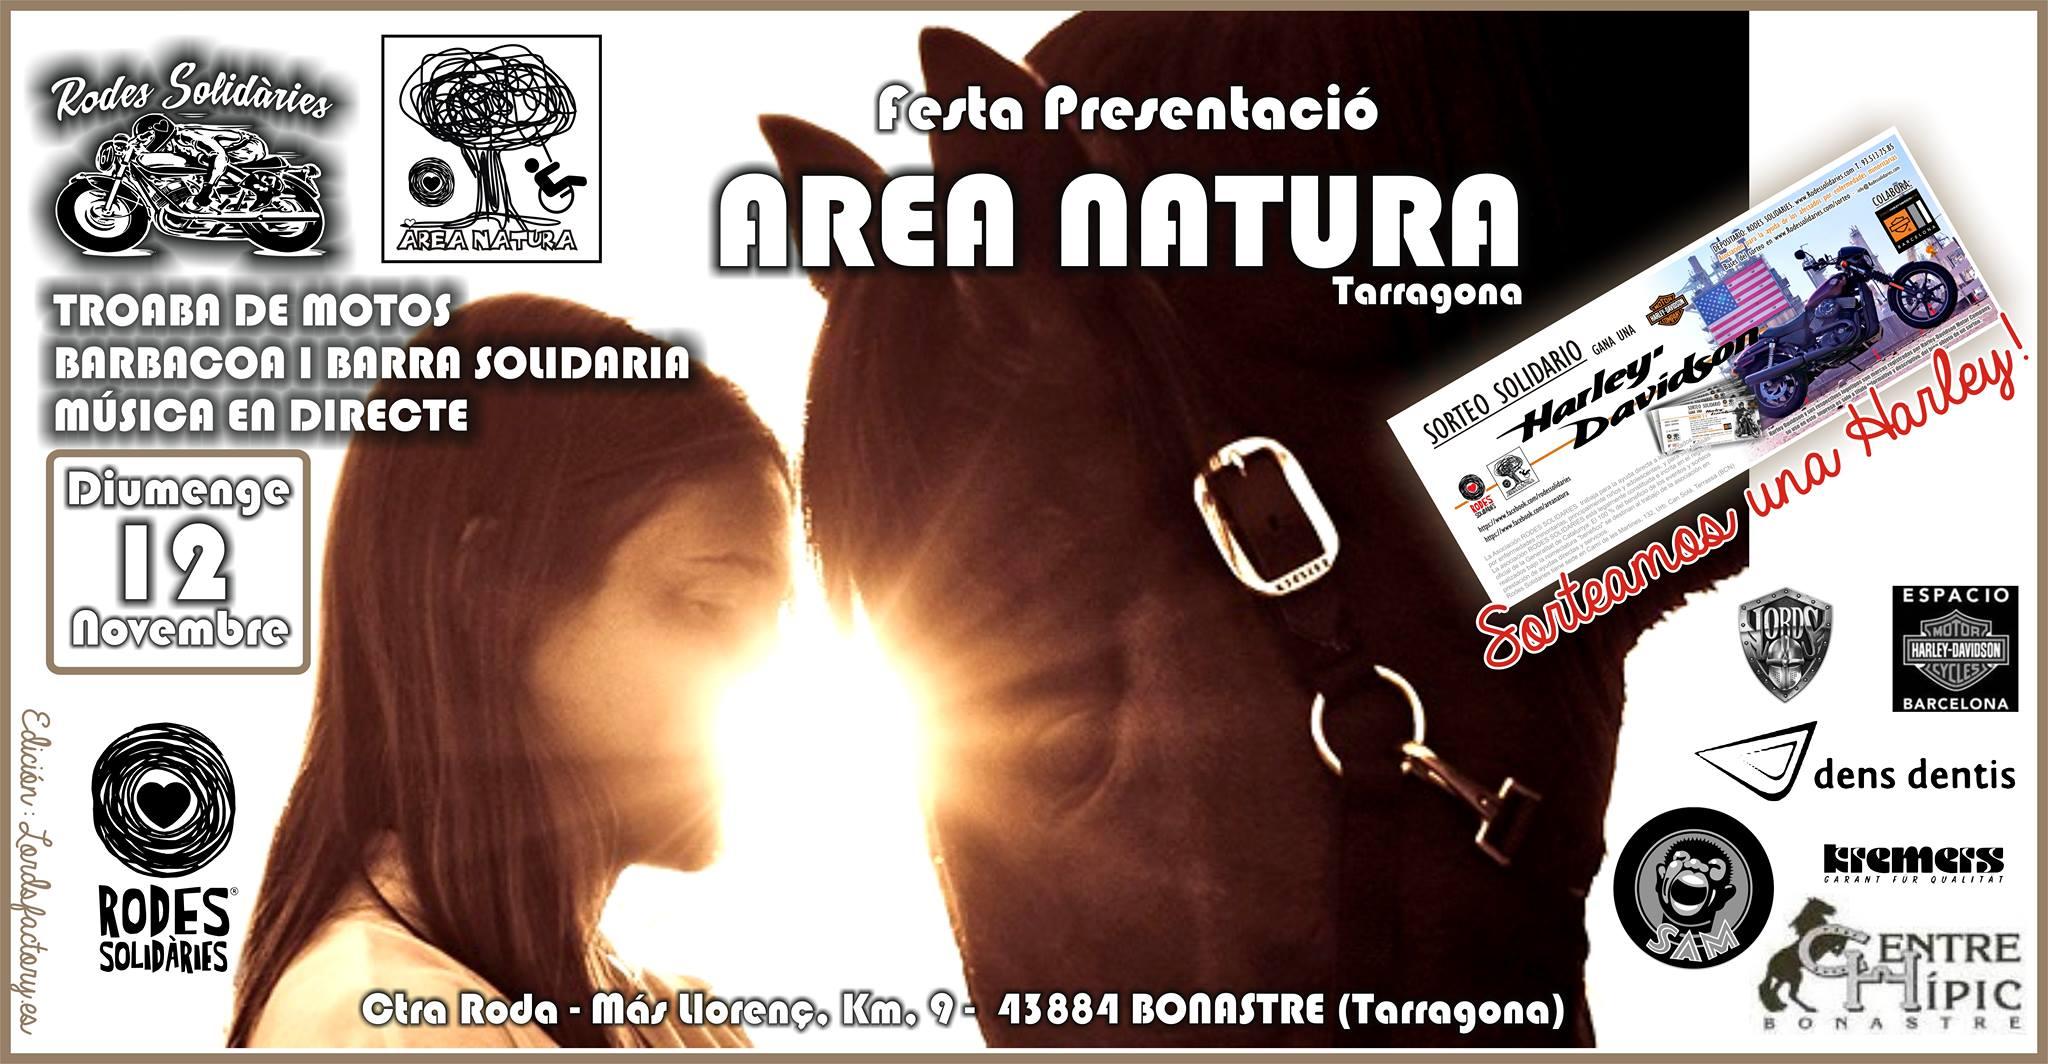 Matinal solidària de presentació d'Àrea Natura